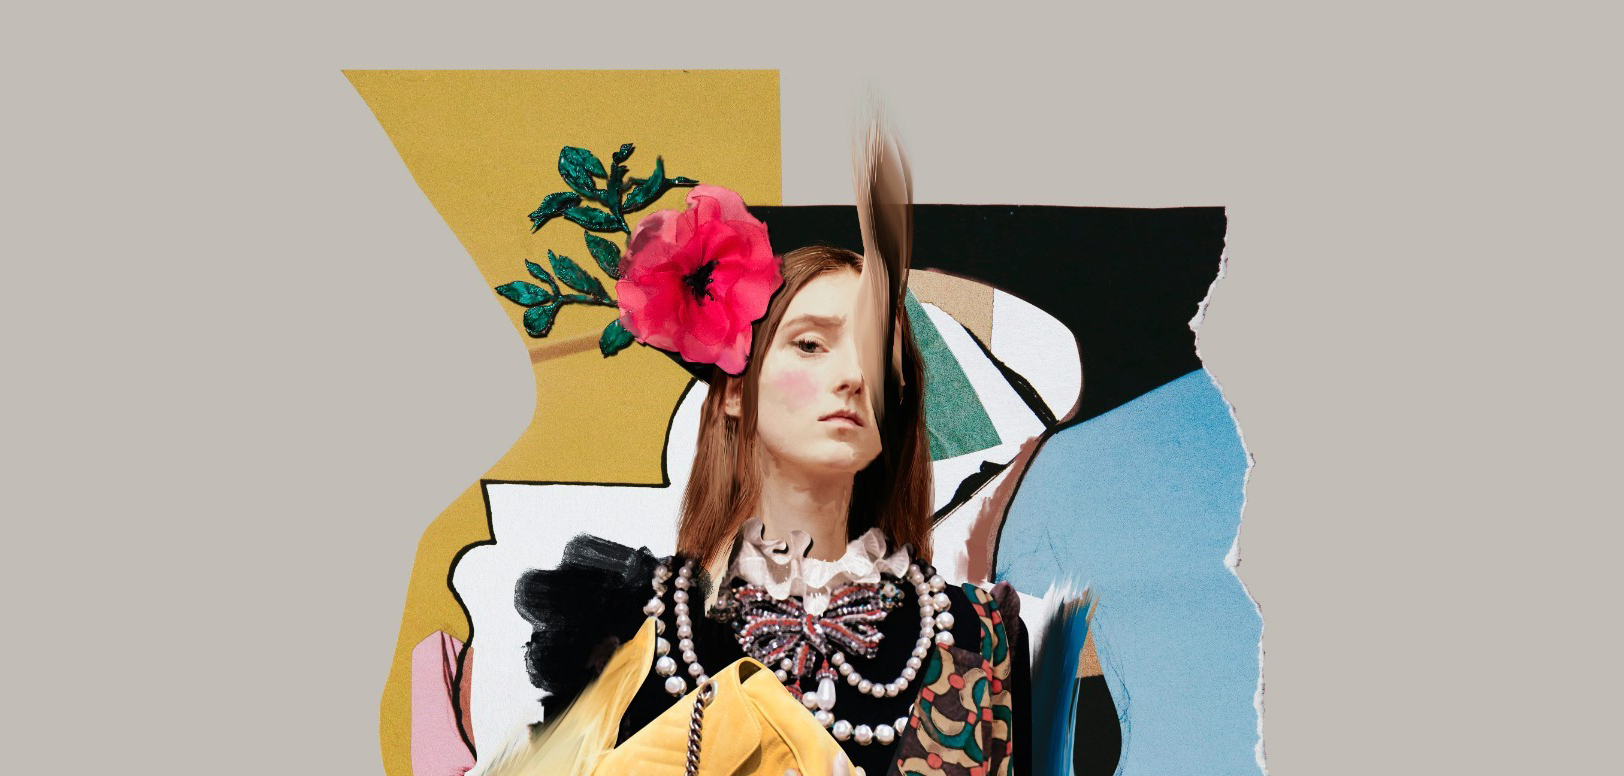 los angeles 38fee 417c7 Il caso Polyvore e la fine di un'epoca per la moda online